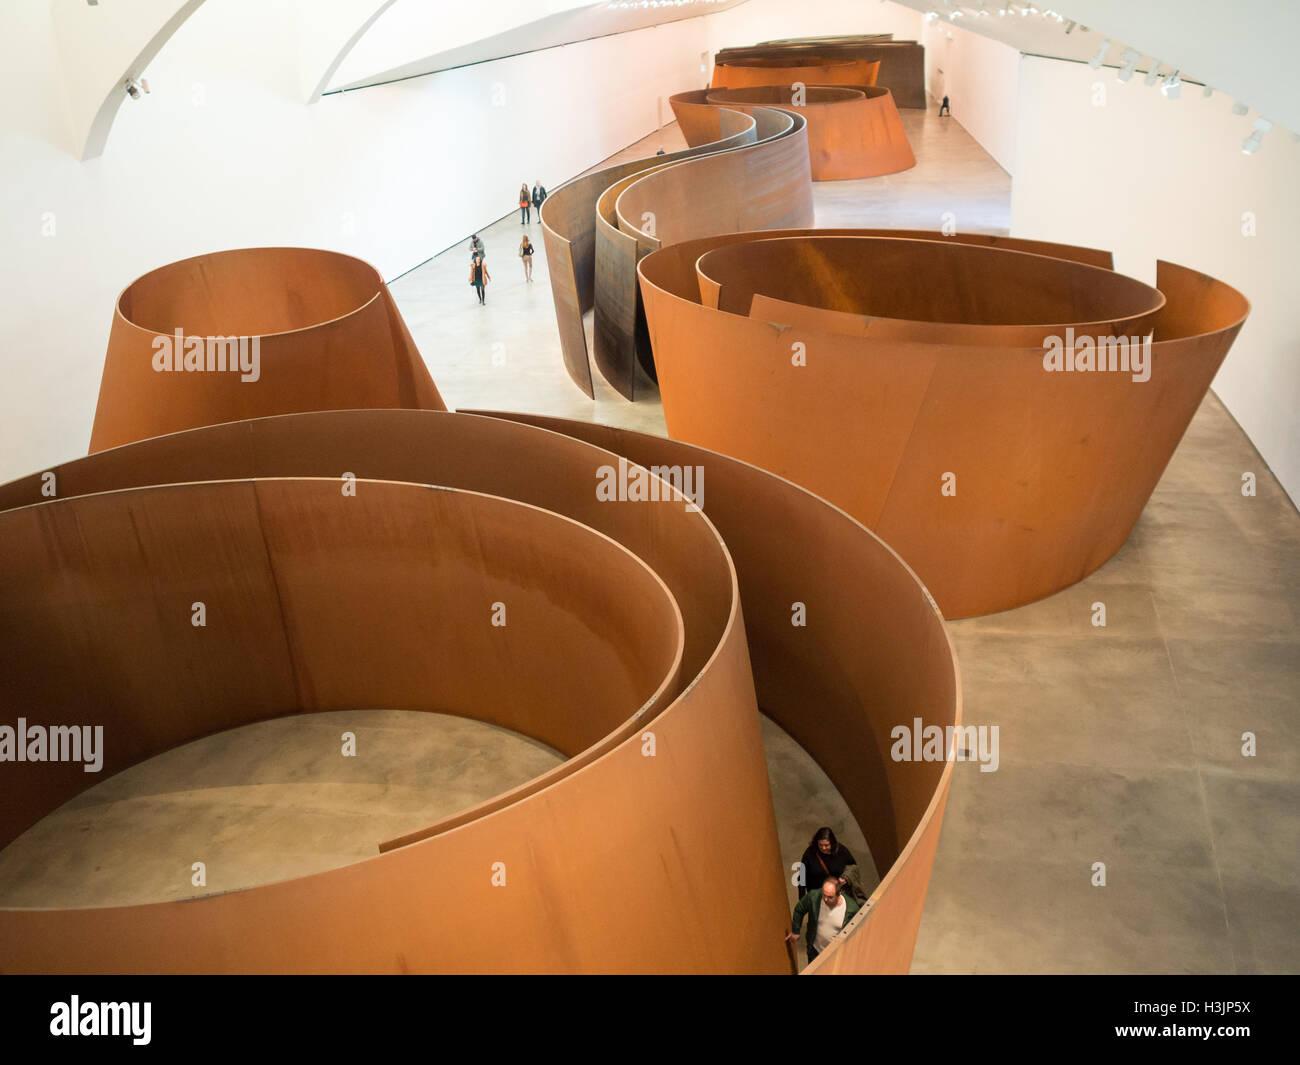 General view of Richard Serra sculptures room in Guggenheim